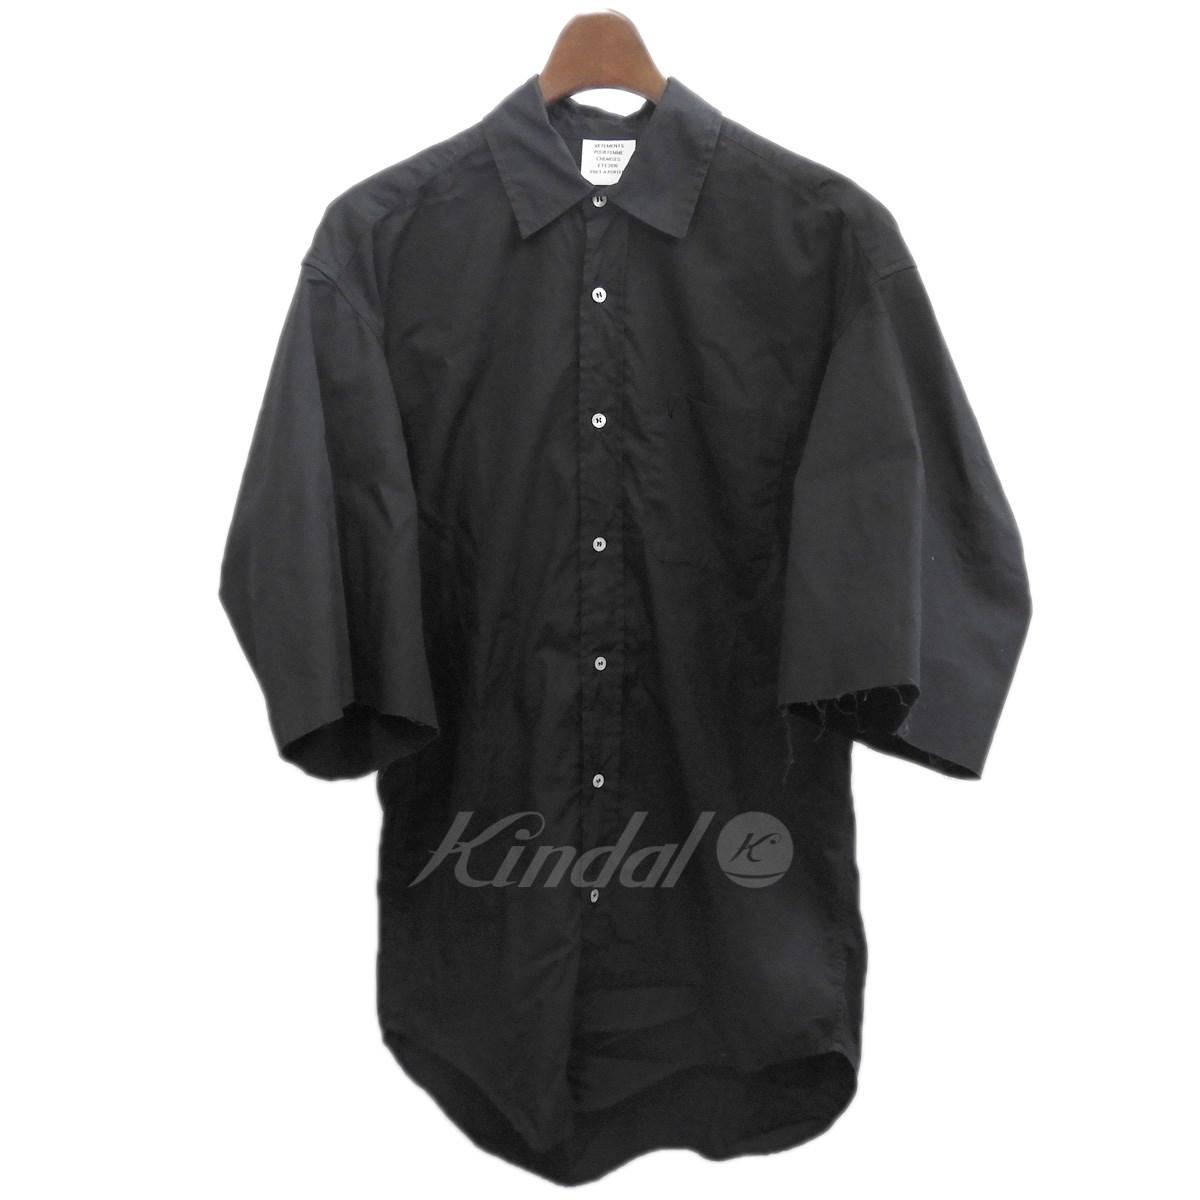 【中古】VETEMENTS2016SS 半袖シャツ ブラック サイズ:M